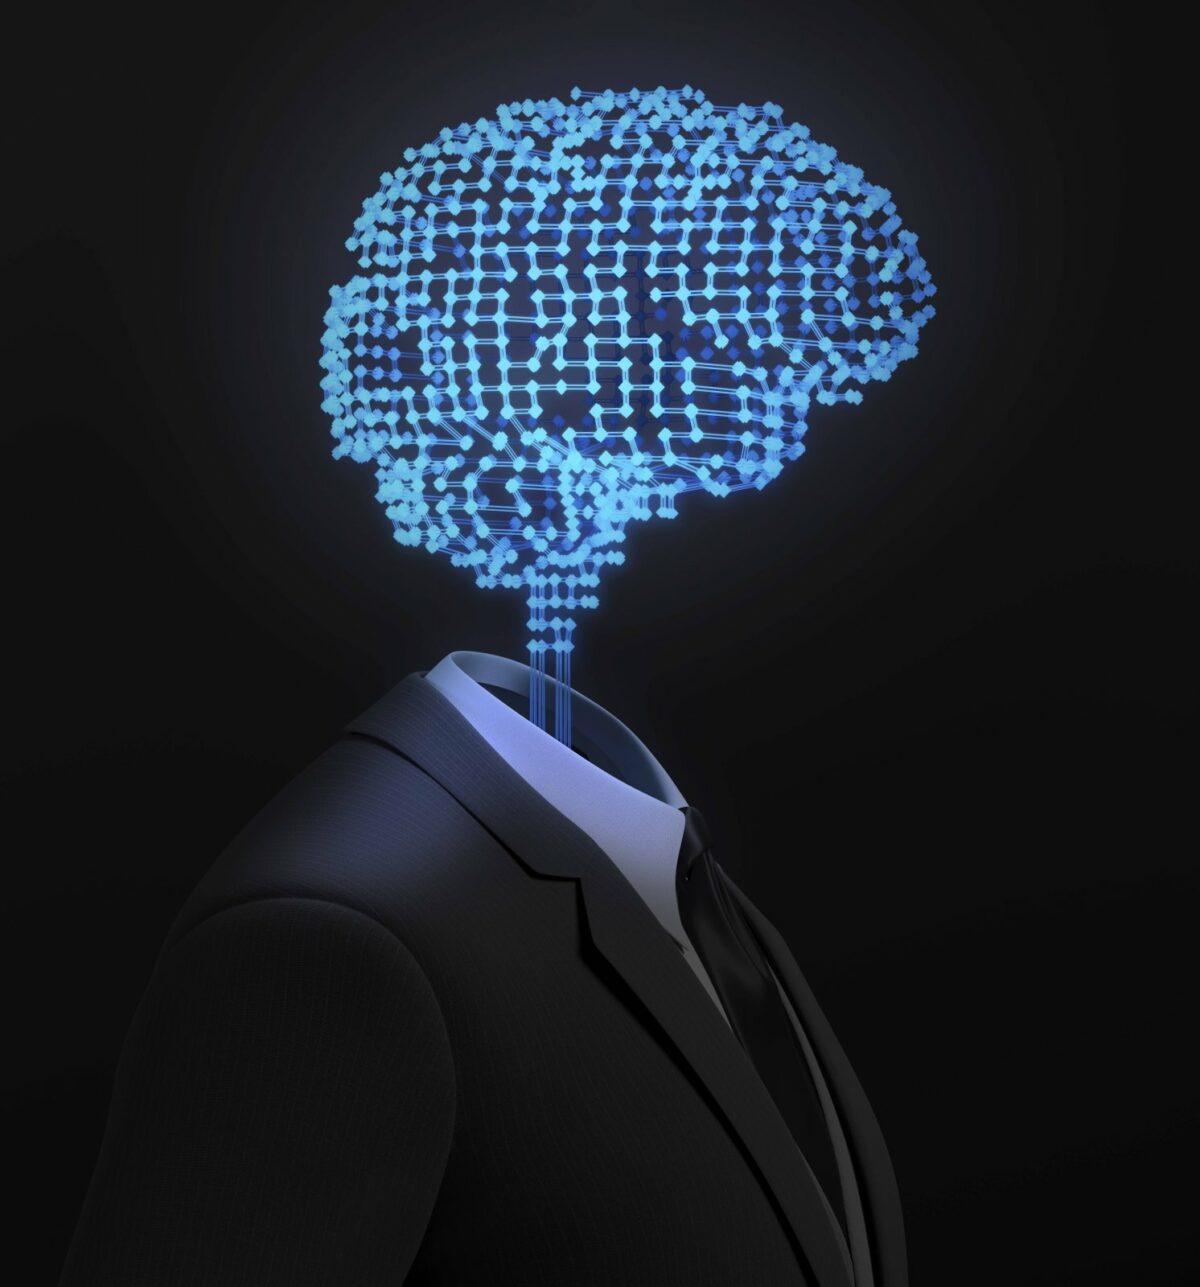 Eine Computeranimation des menschlichen Gehirns.